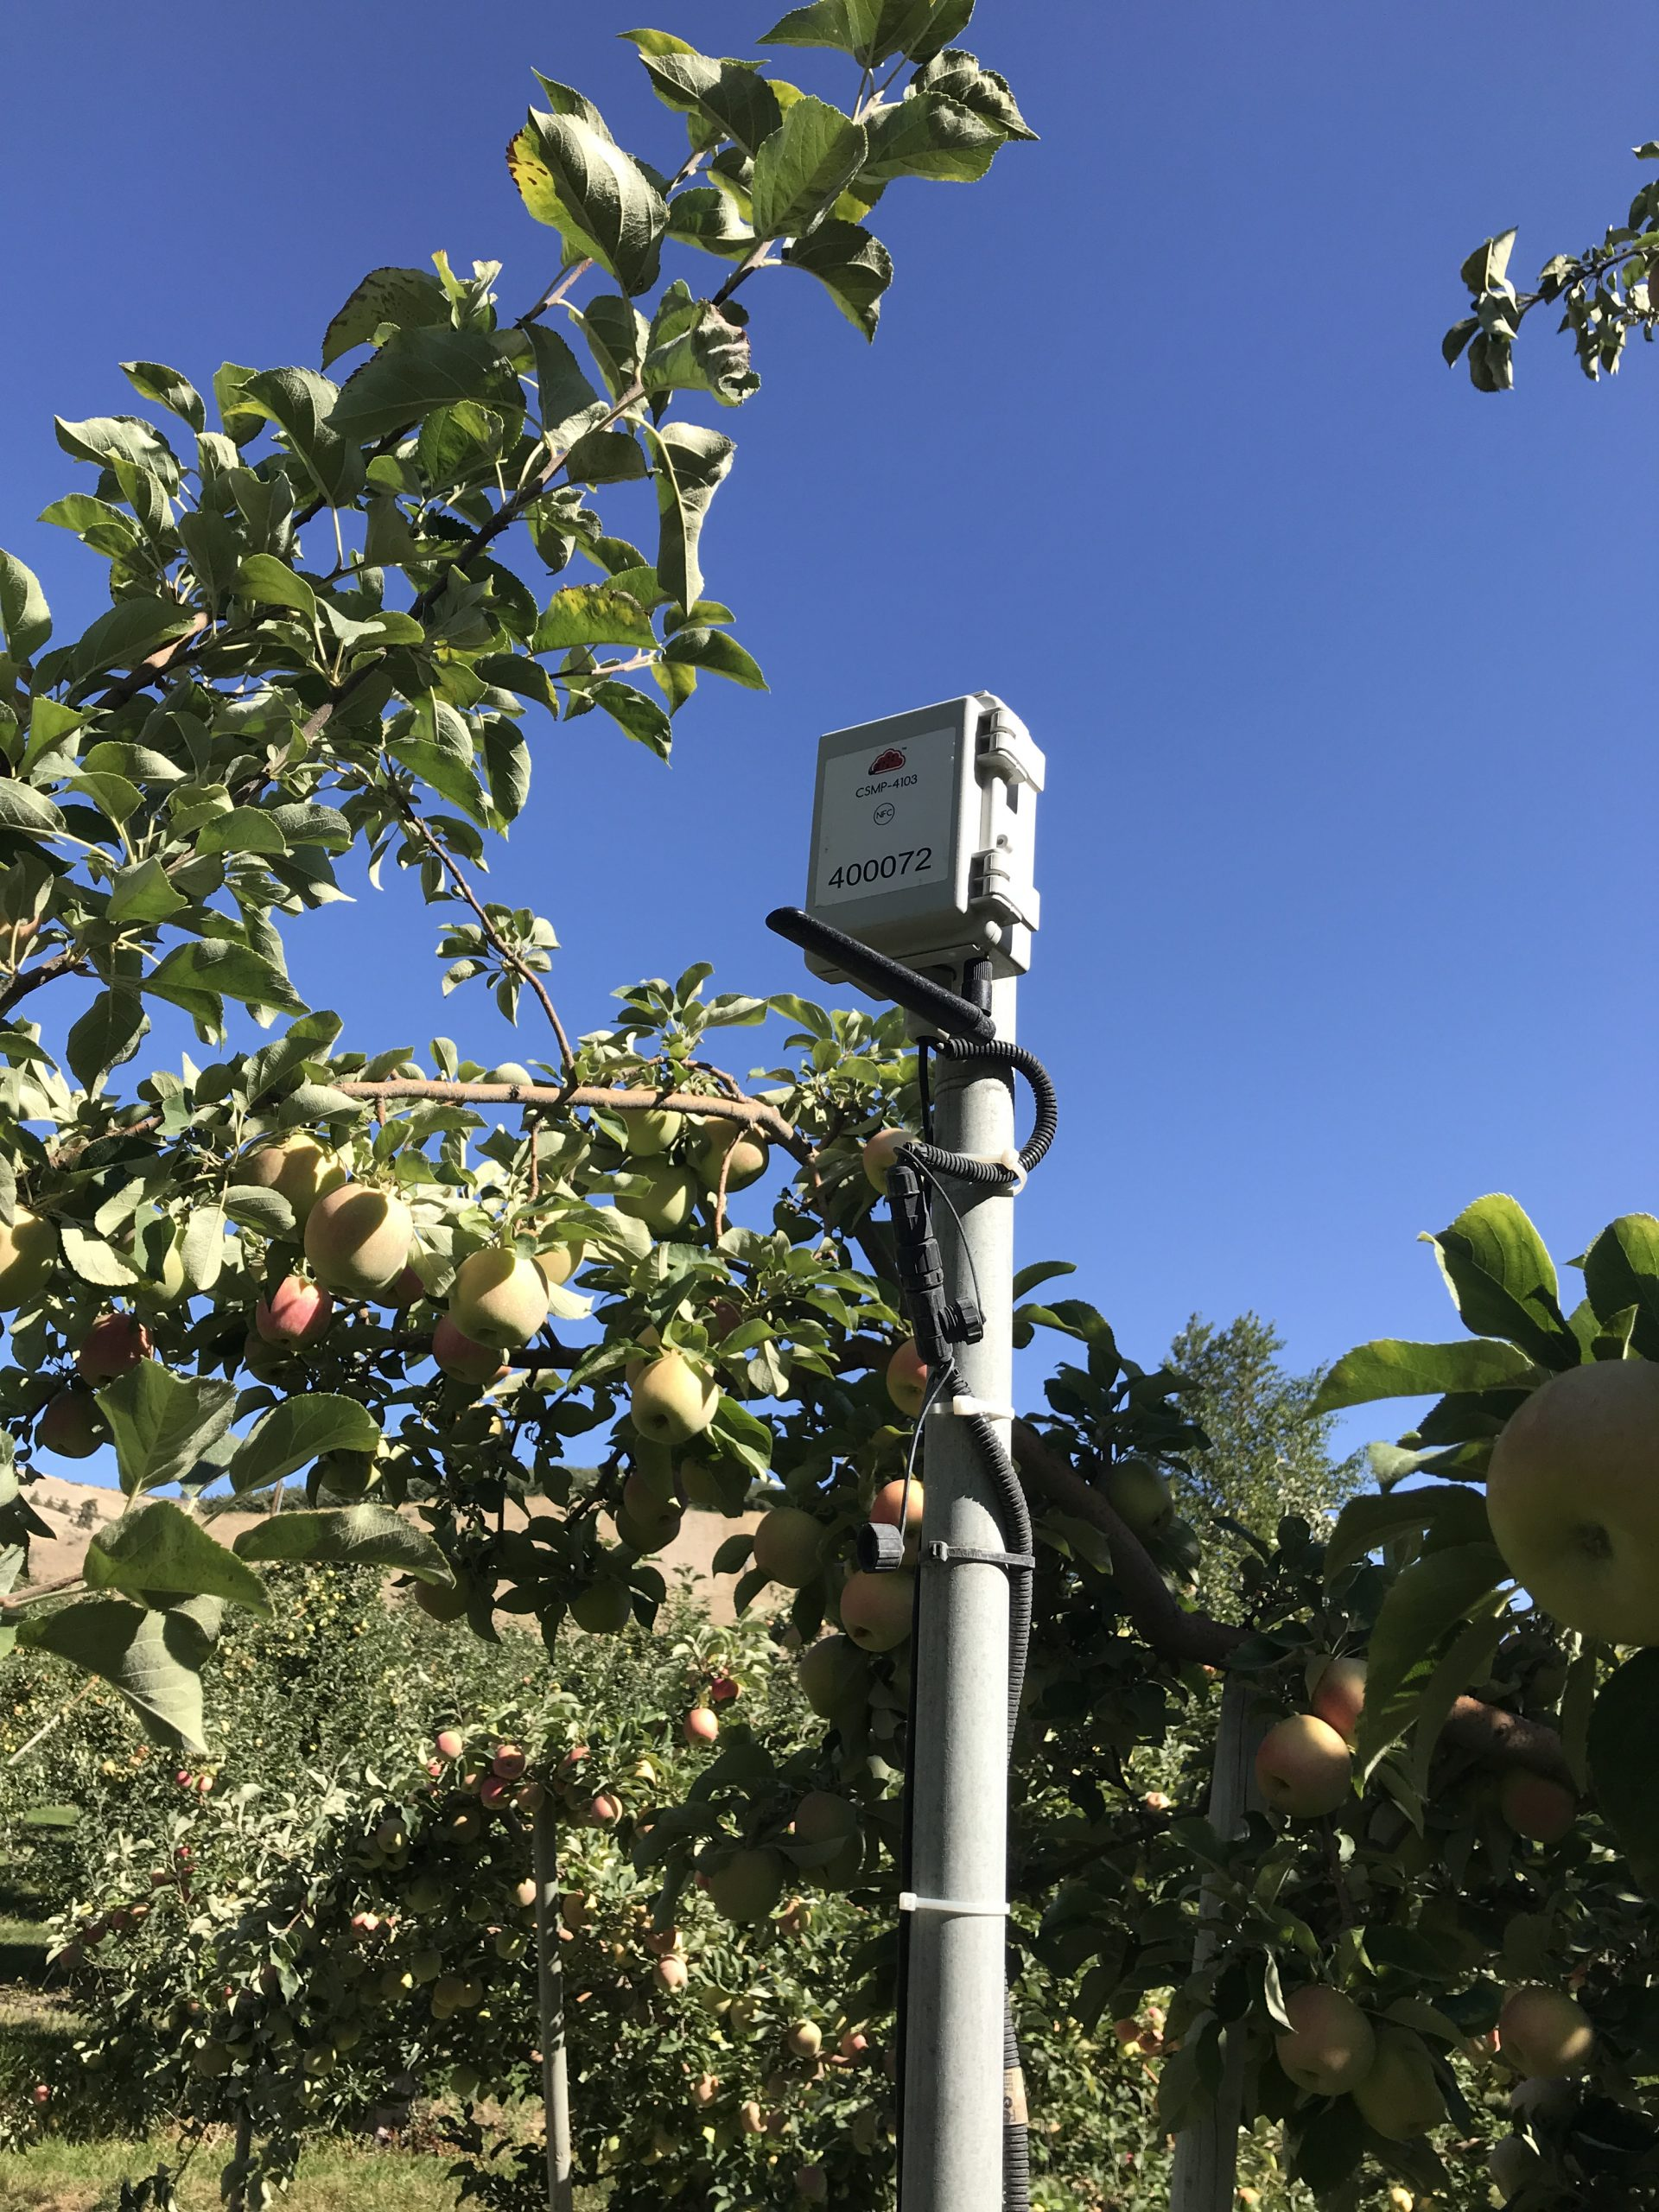 Zenseio Orchard Monitoring